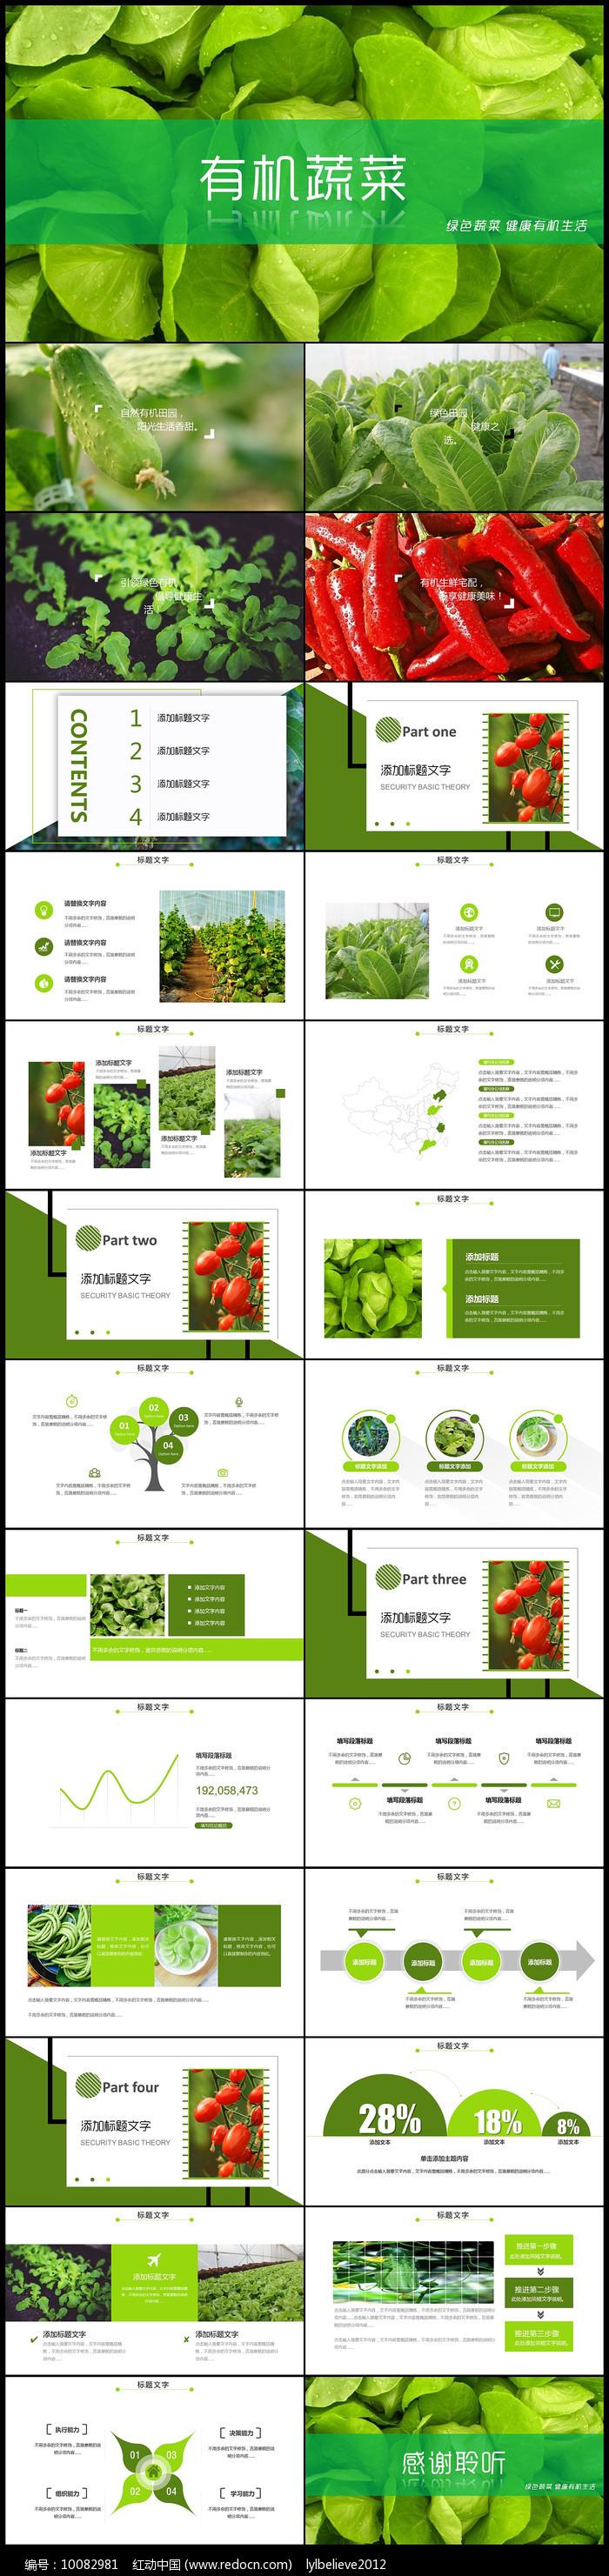 无公害农产品有机蔬菜PPT图片